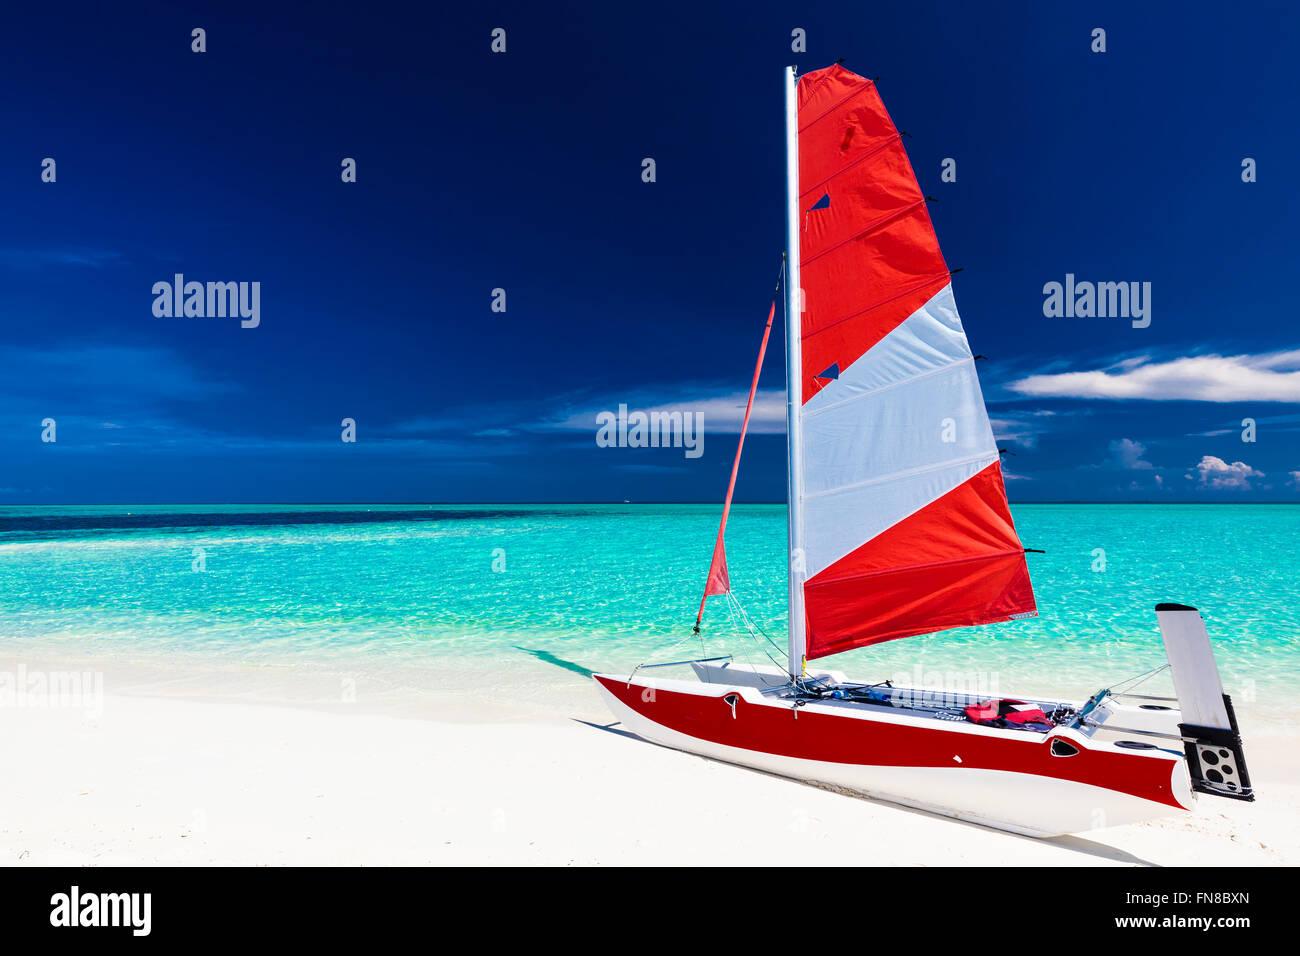 Bateau à voile avec voile rouge sur une plage de l'île tropicale déserte peu profond avec de l'eau bleue Banque D'Images